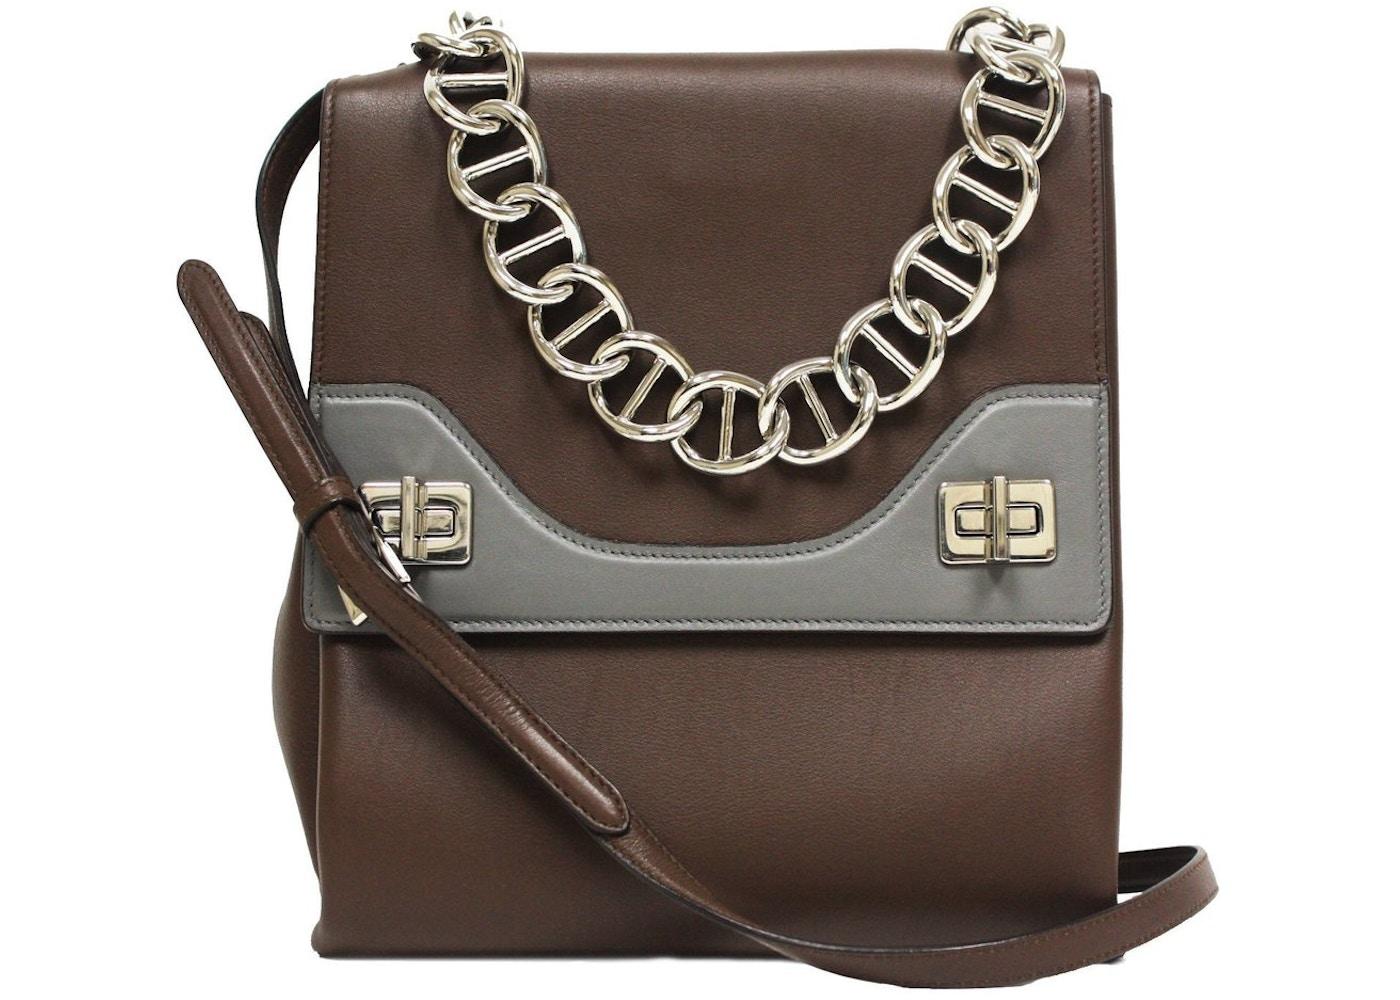 156e065ff368 Buy   Sell Prada Handbags - Highest Bid